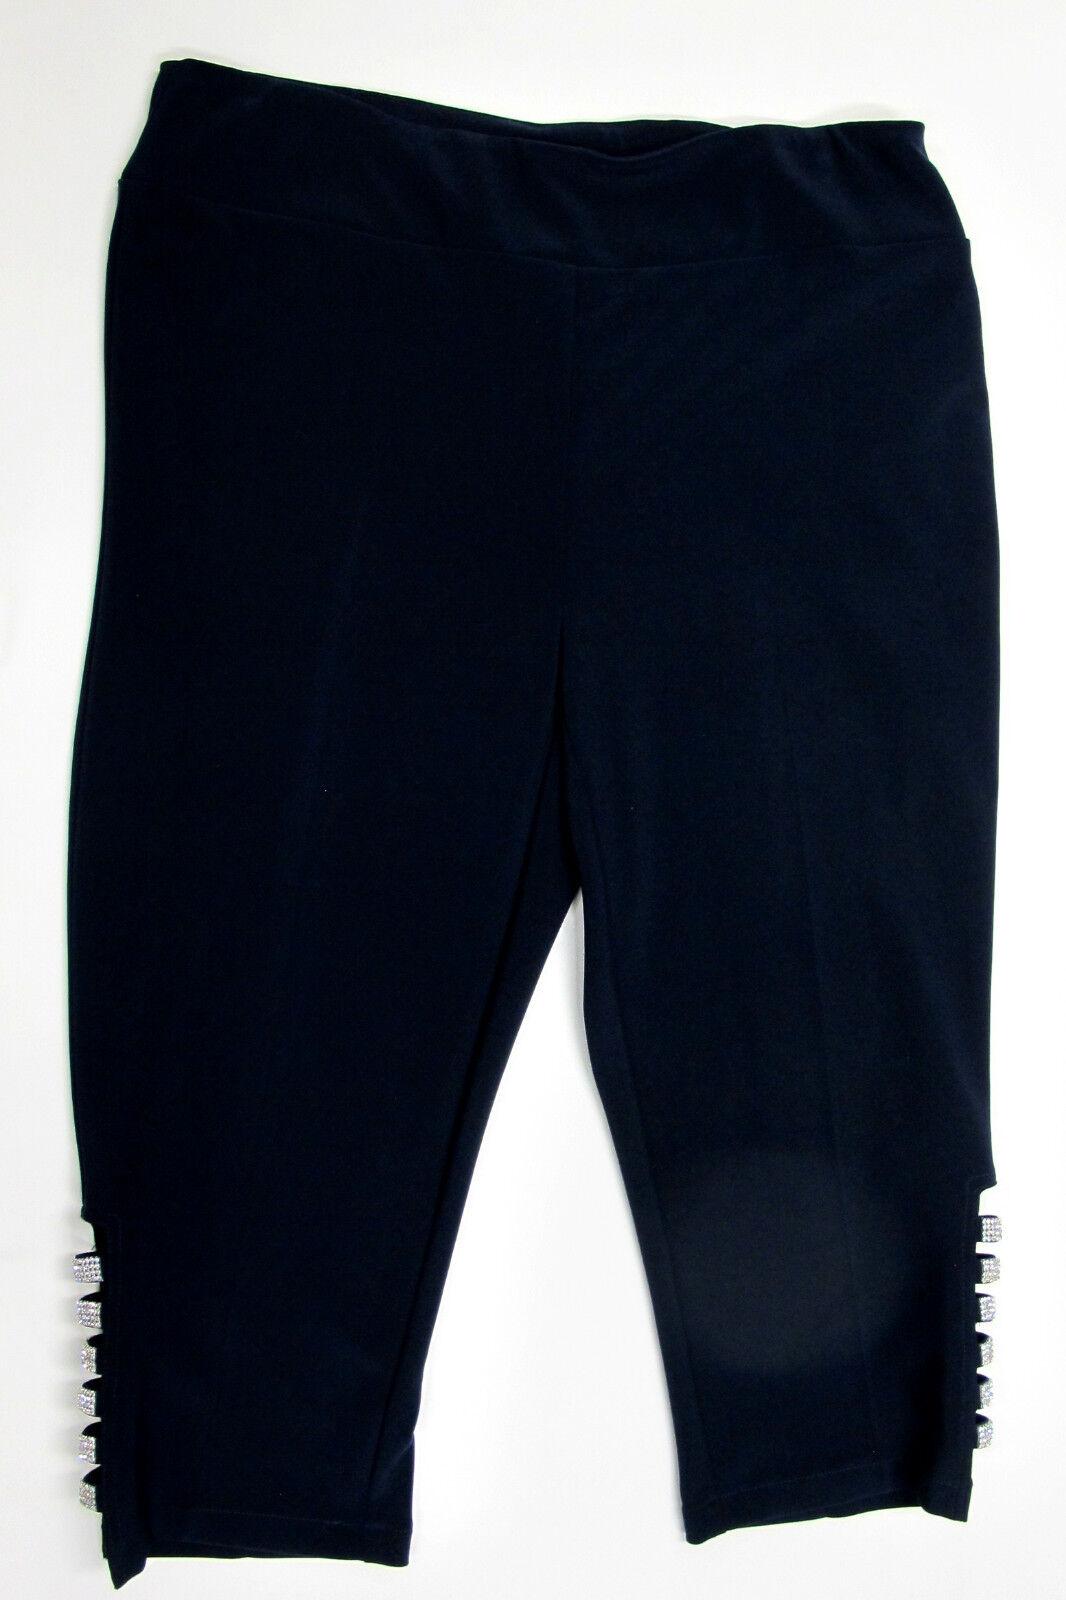 Joseph Ribkoff trousers art. 171083 Blau Größes 44, 46, 48  159,00